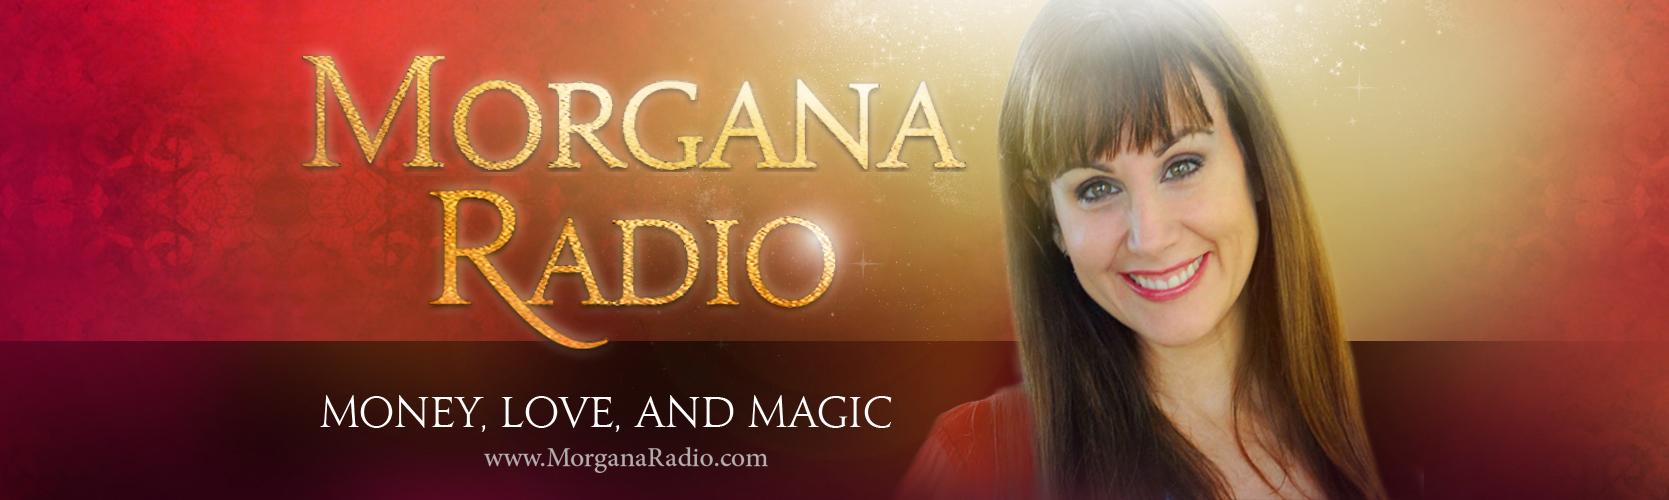 Morgana Radio